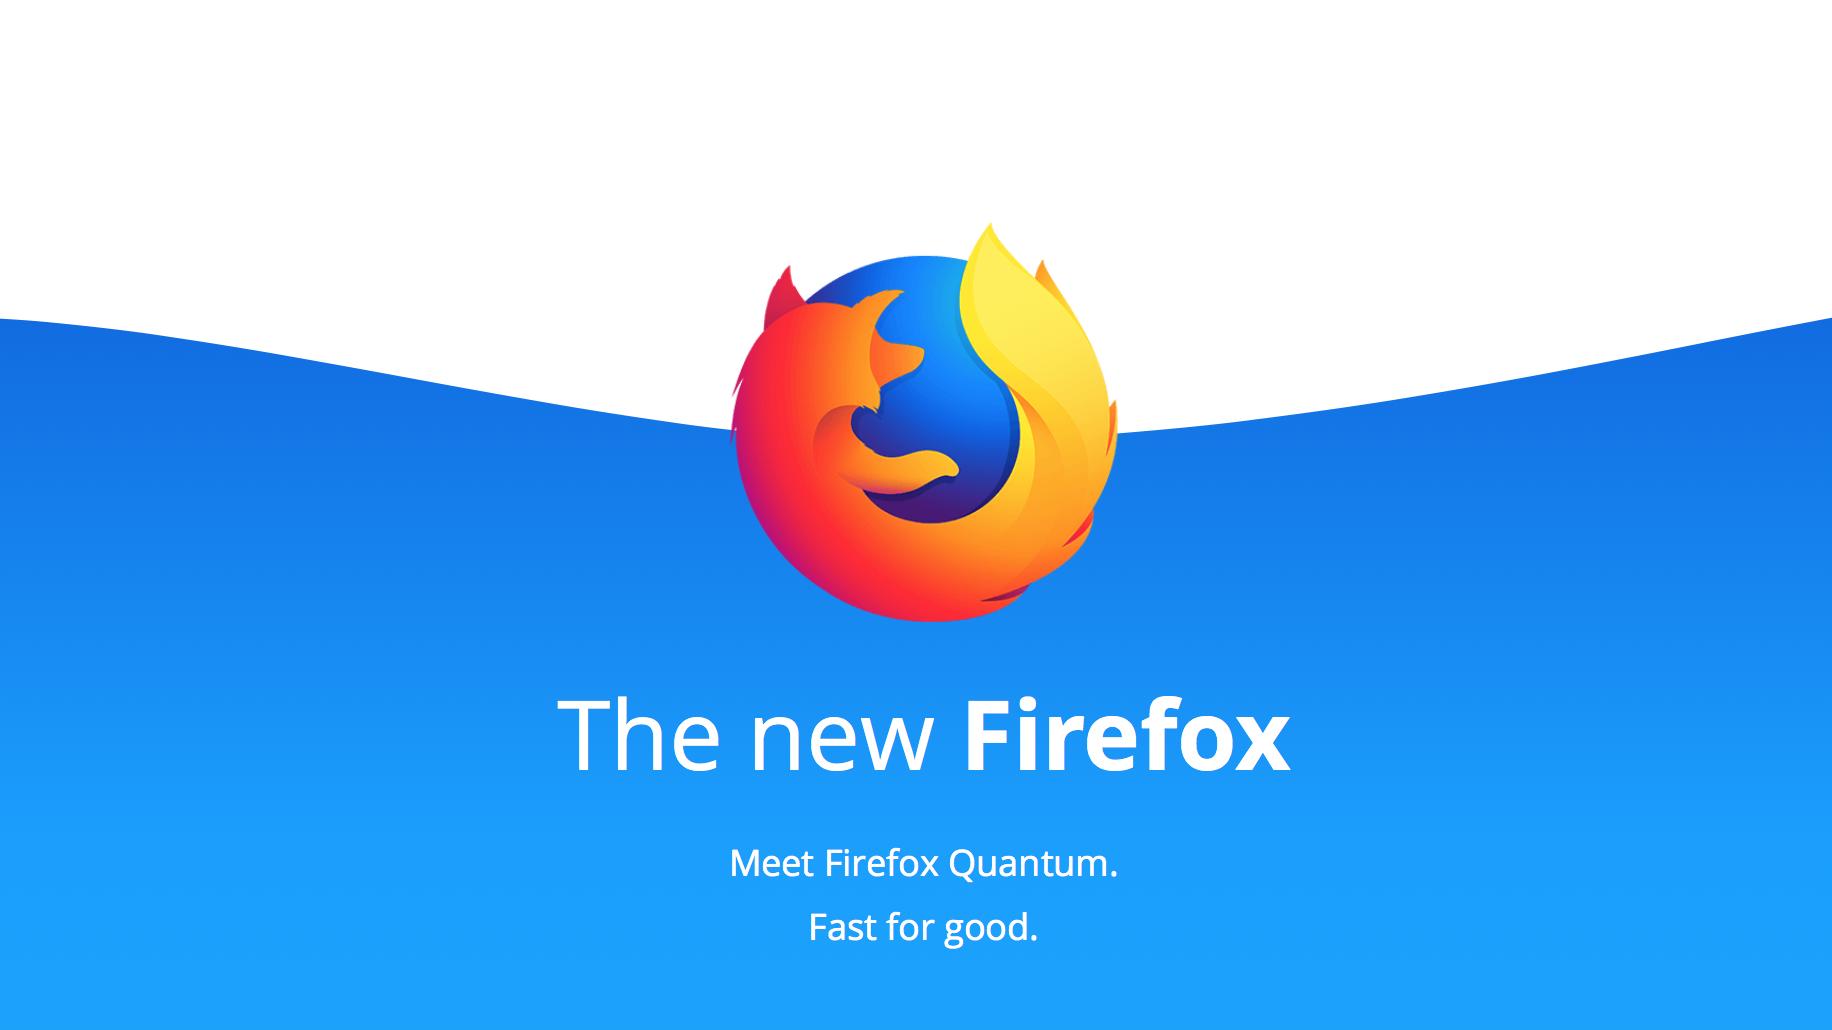 قصة نجاح بلاك روس مؤسس متصفح فاير فوكس Firefox